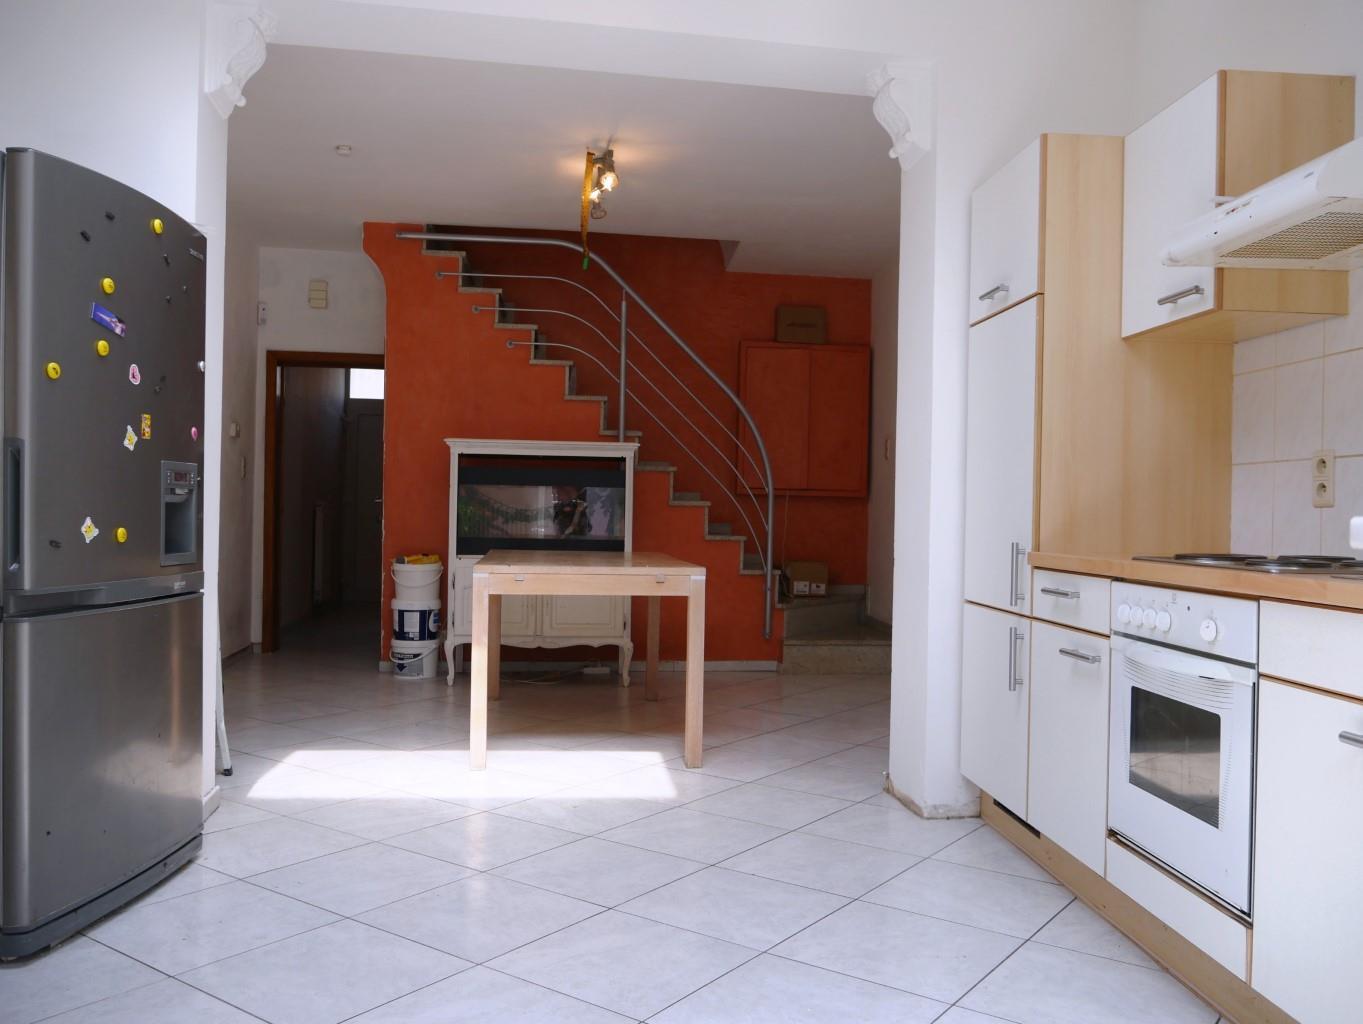 Maison - Tubize Clabecq - #3452075-2